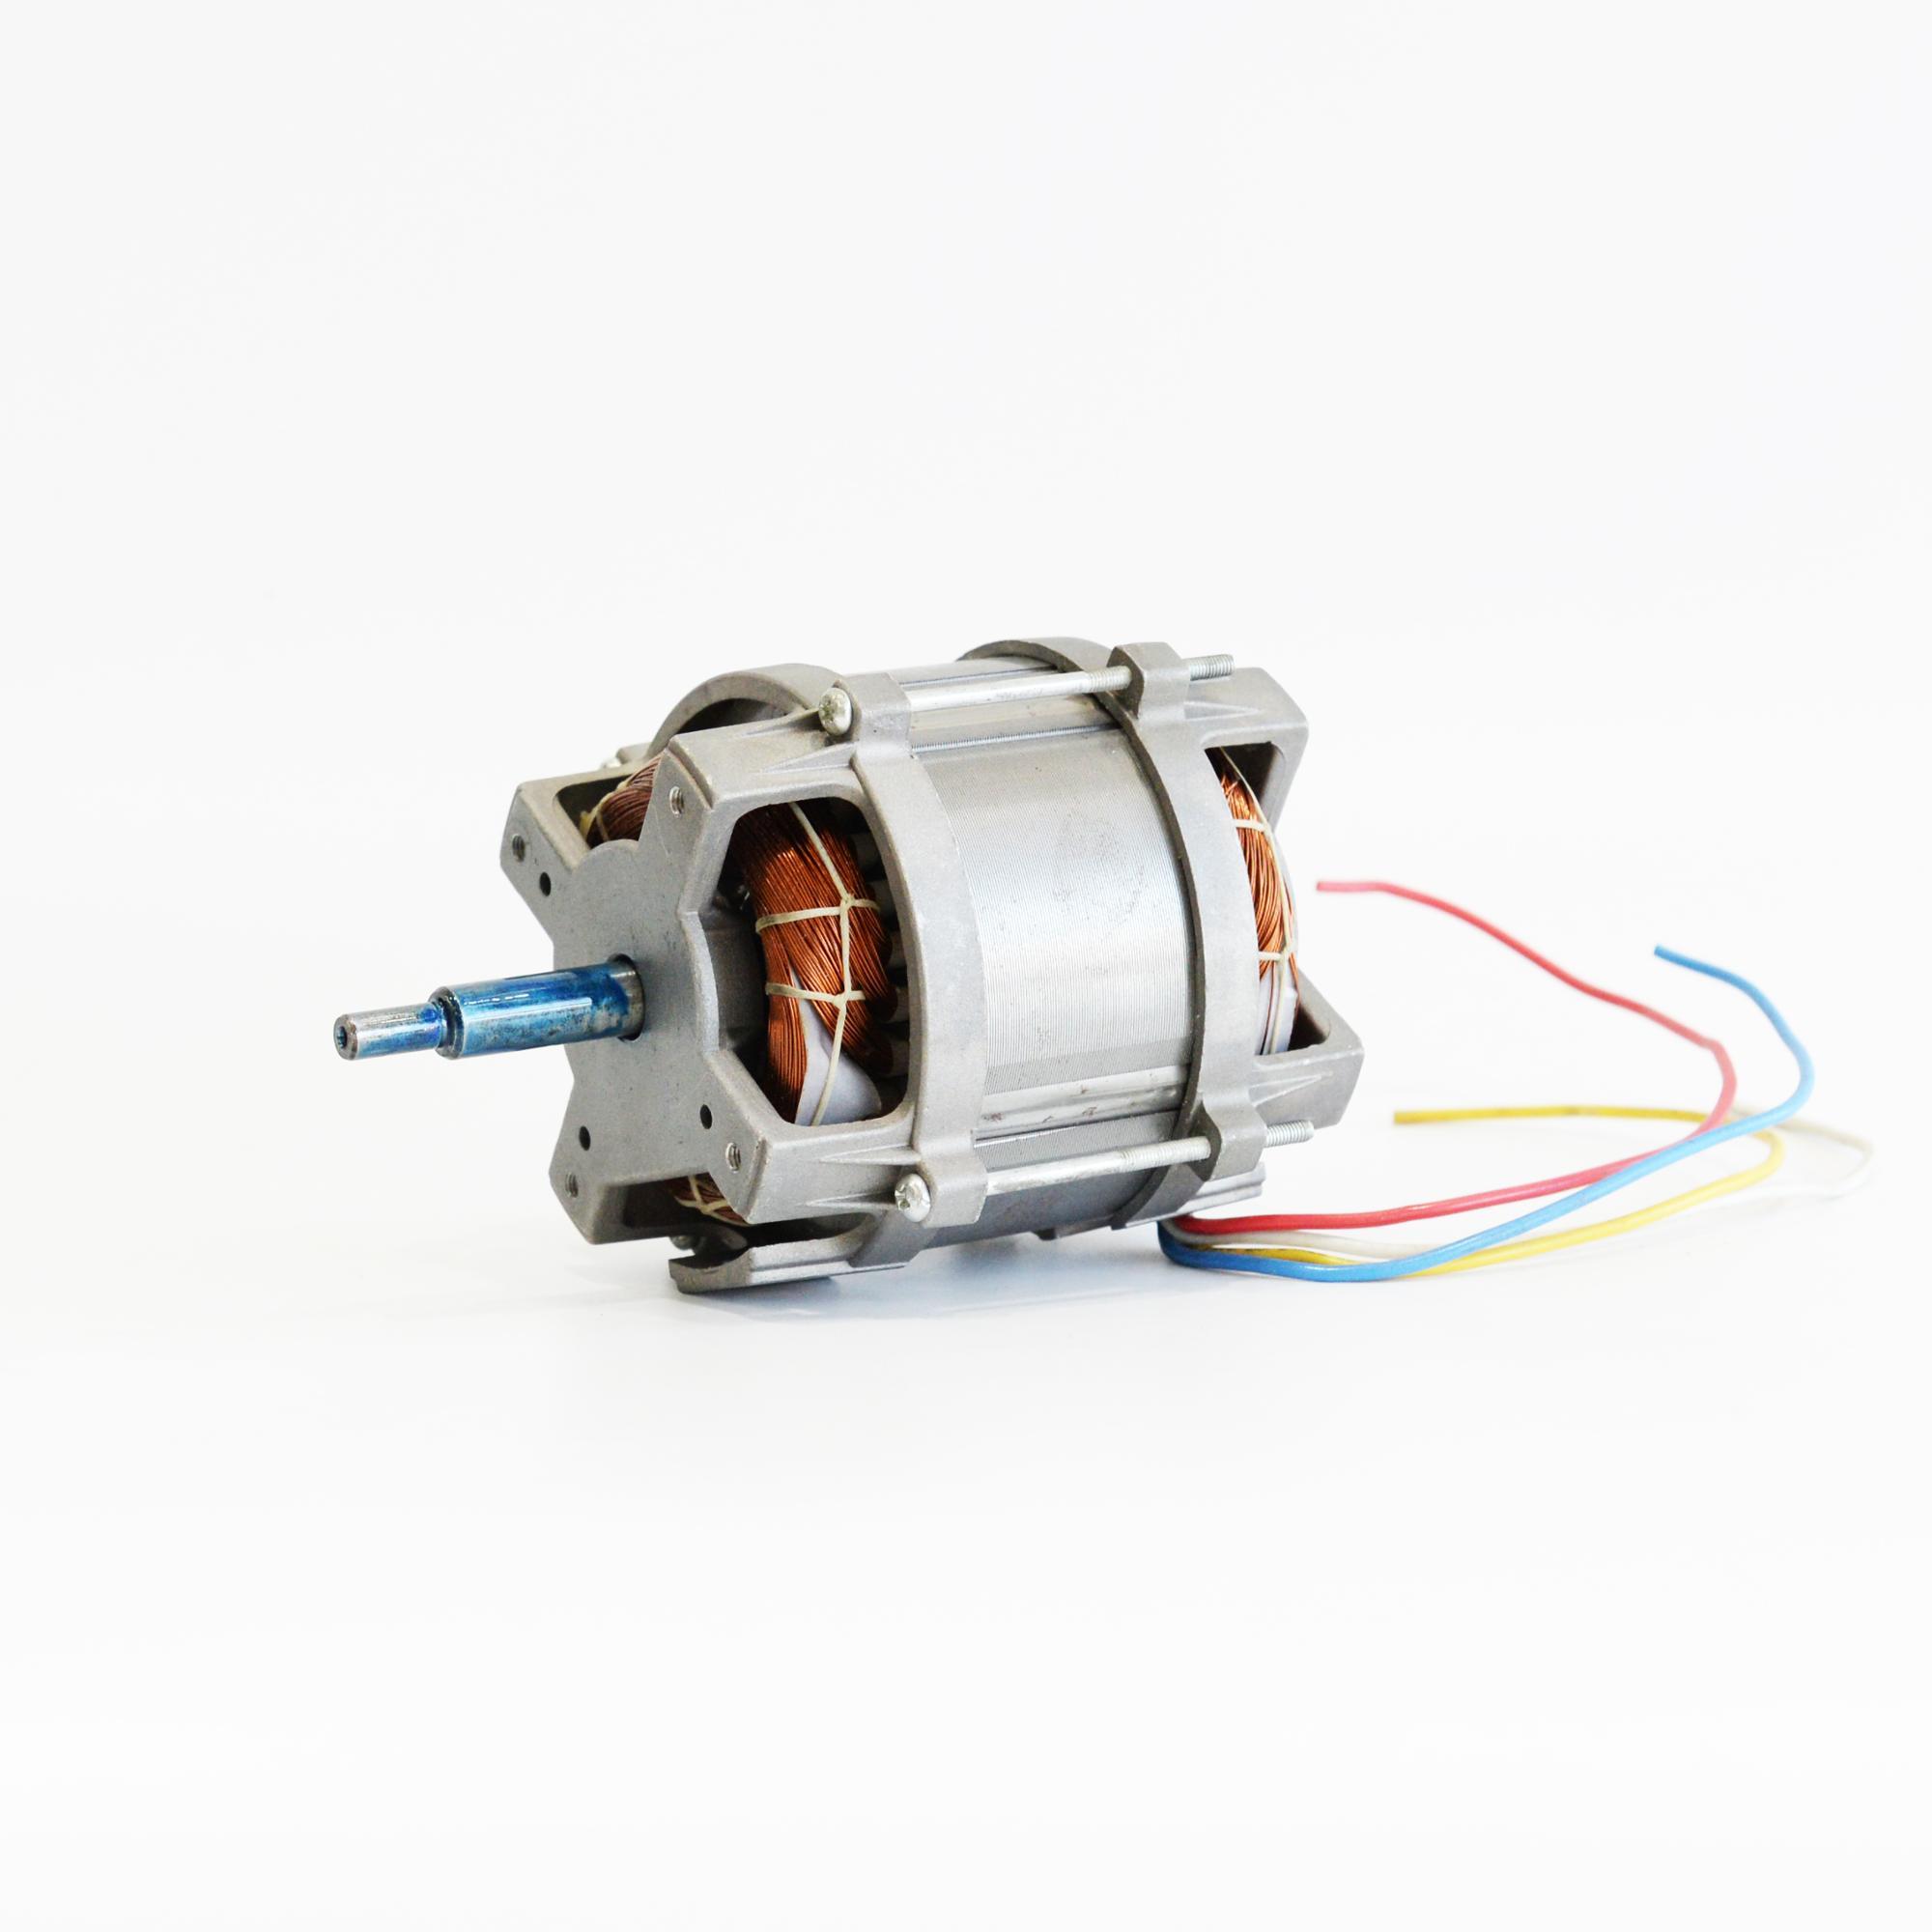 1500W 2800 Rpm Alta velocidade 100% de cobre Motor Do Liquidificador para alimentos liquidificador motor elétrico de corrente alternada de 220 volts